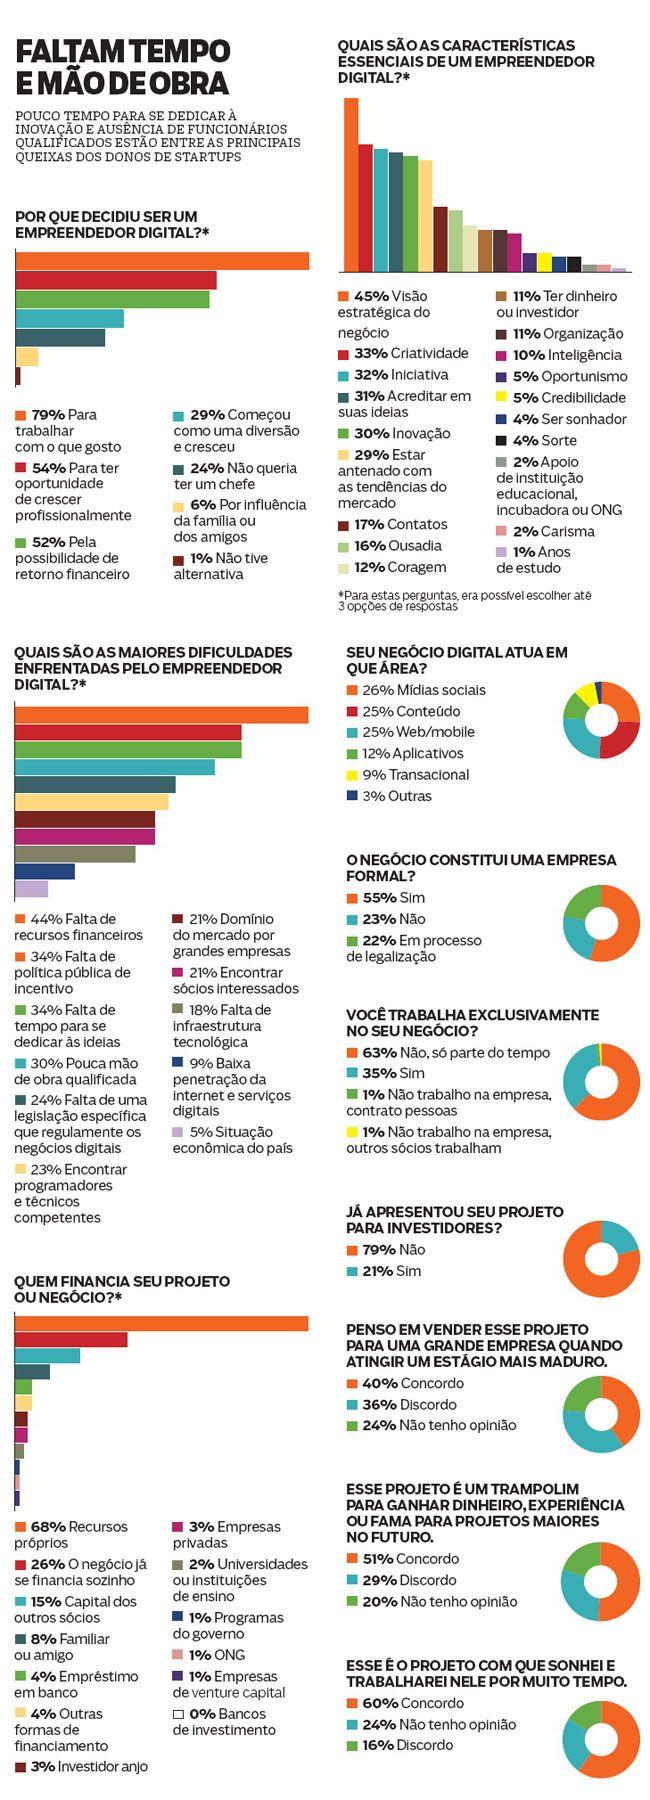 Um raio-X do empreendedor digital brasileiro